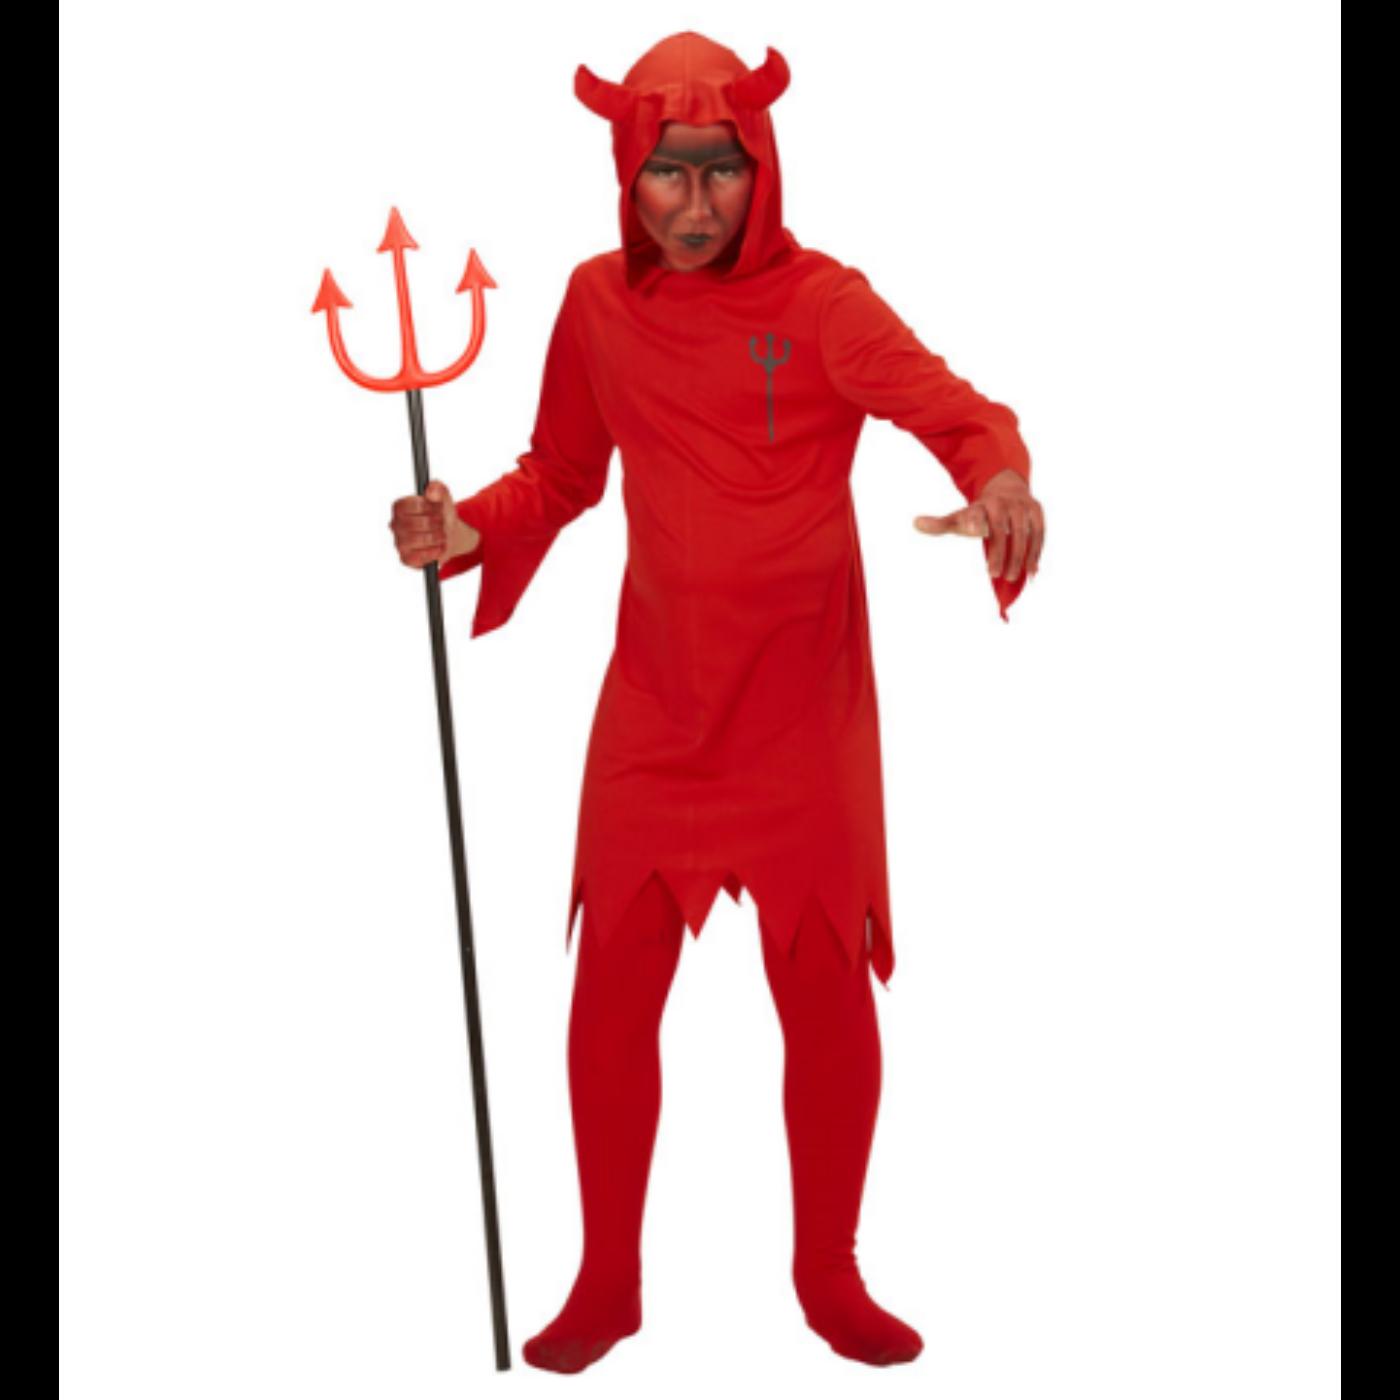 Ördög jelmez 158-as